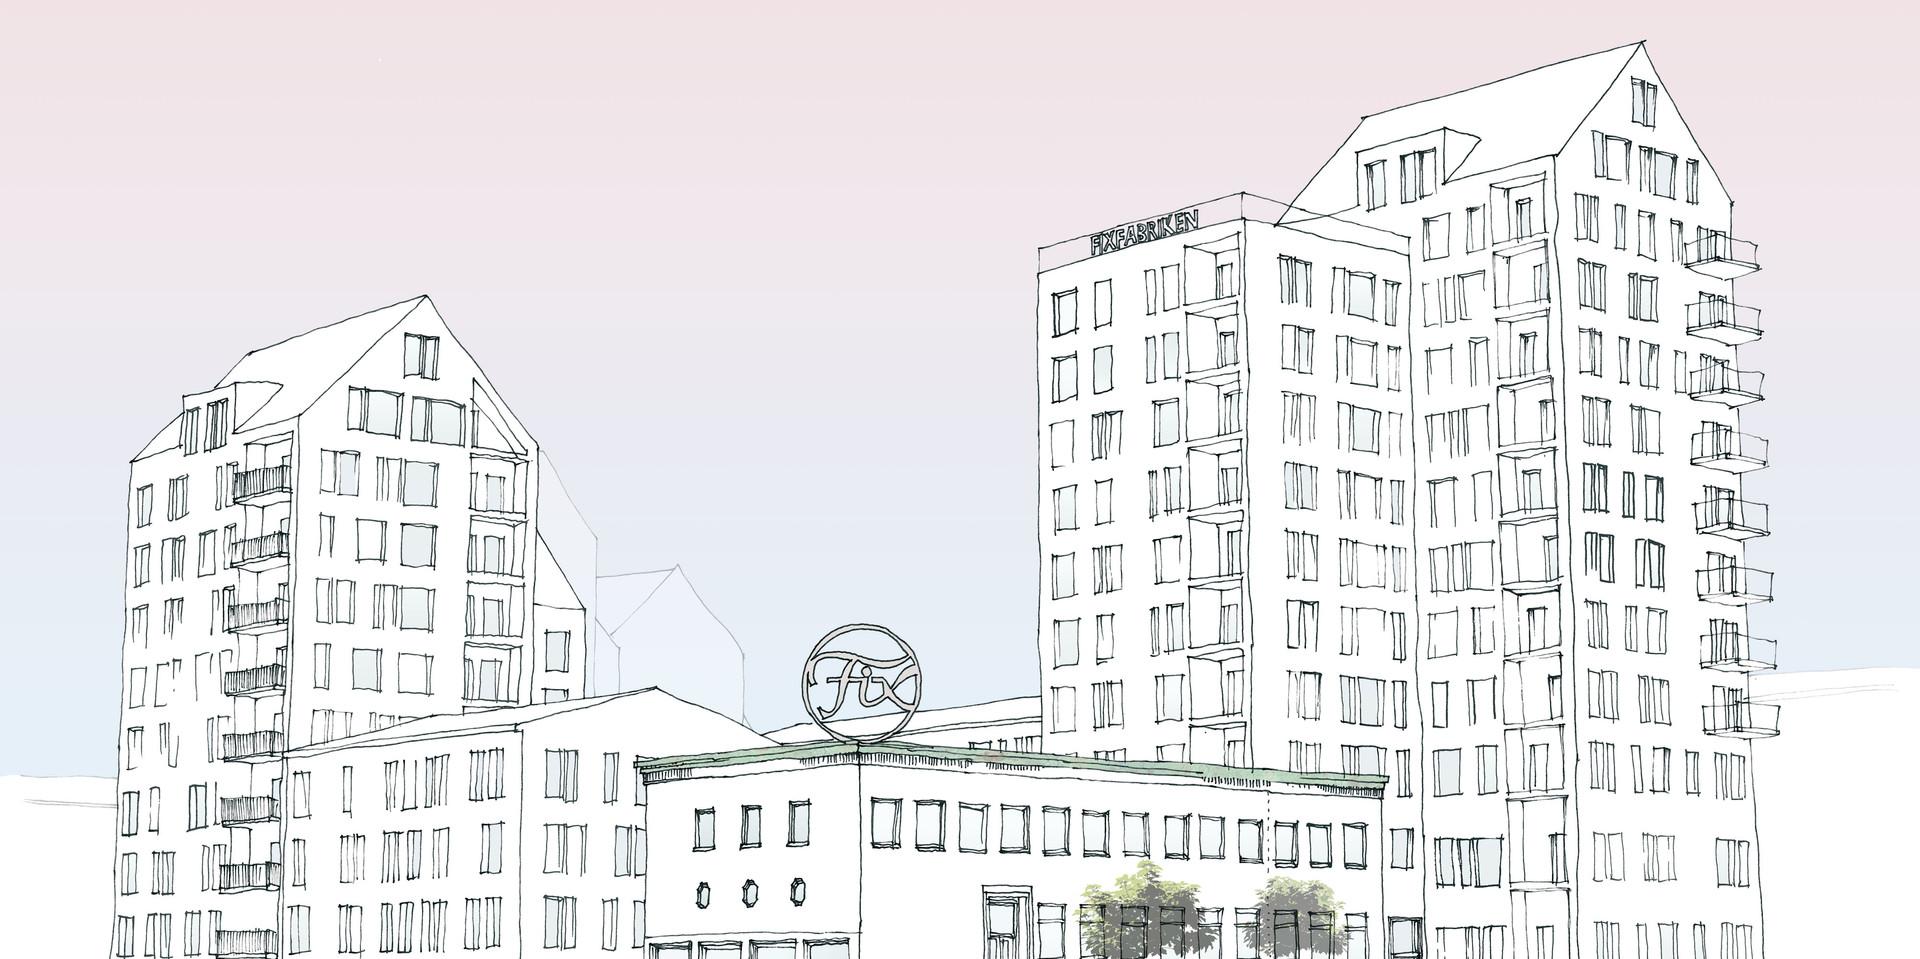 Konceptskiss - del av Fixfabrikens gamla kontor bevarad och integrerad in i ny bebyggelse.  Läs mer på   https://www.hsb.se/goteborg/sok-boende/projekt/?projektlan=vastra-gotaland&projektkommun=goteborg&projektnamn=sannaparken  Bild: Industriromantik